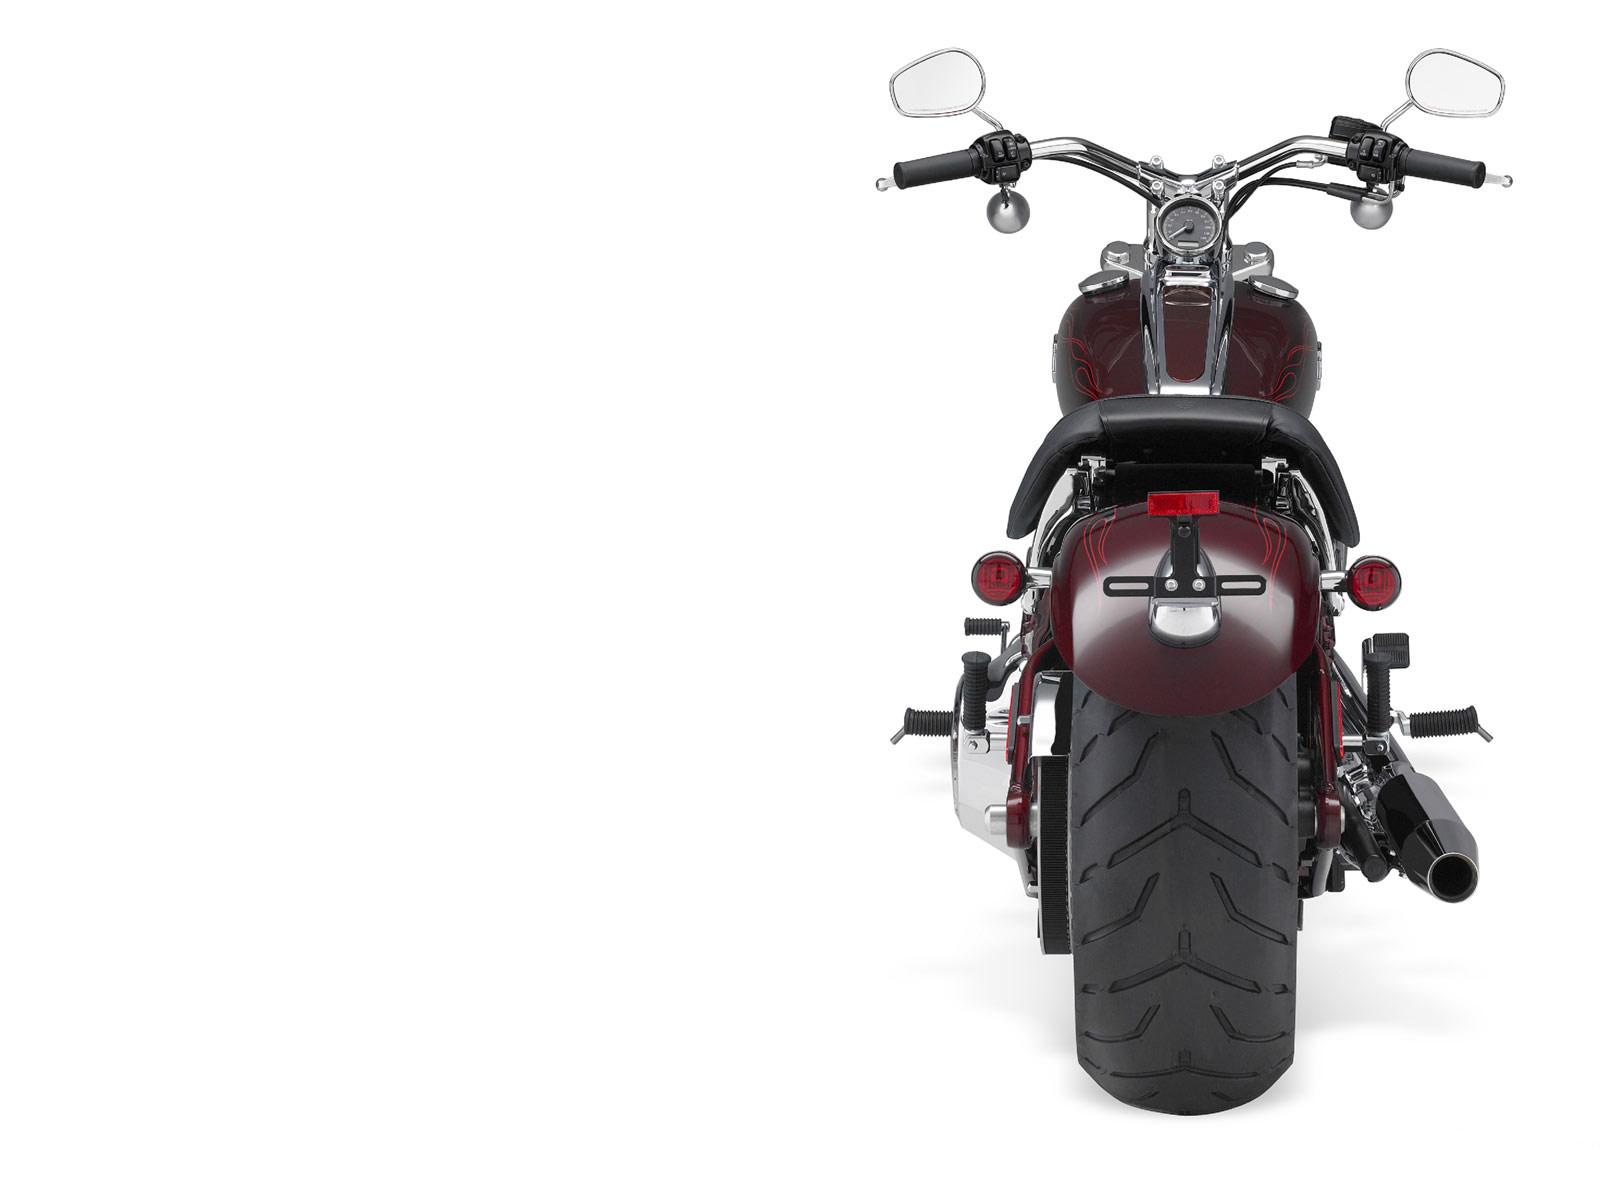 Harley-Davidson FXCWC Rocker Specific